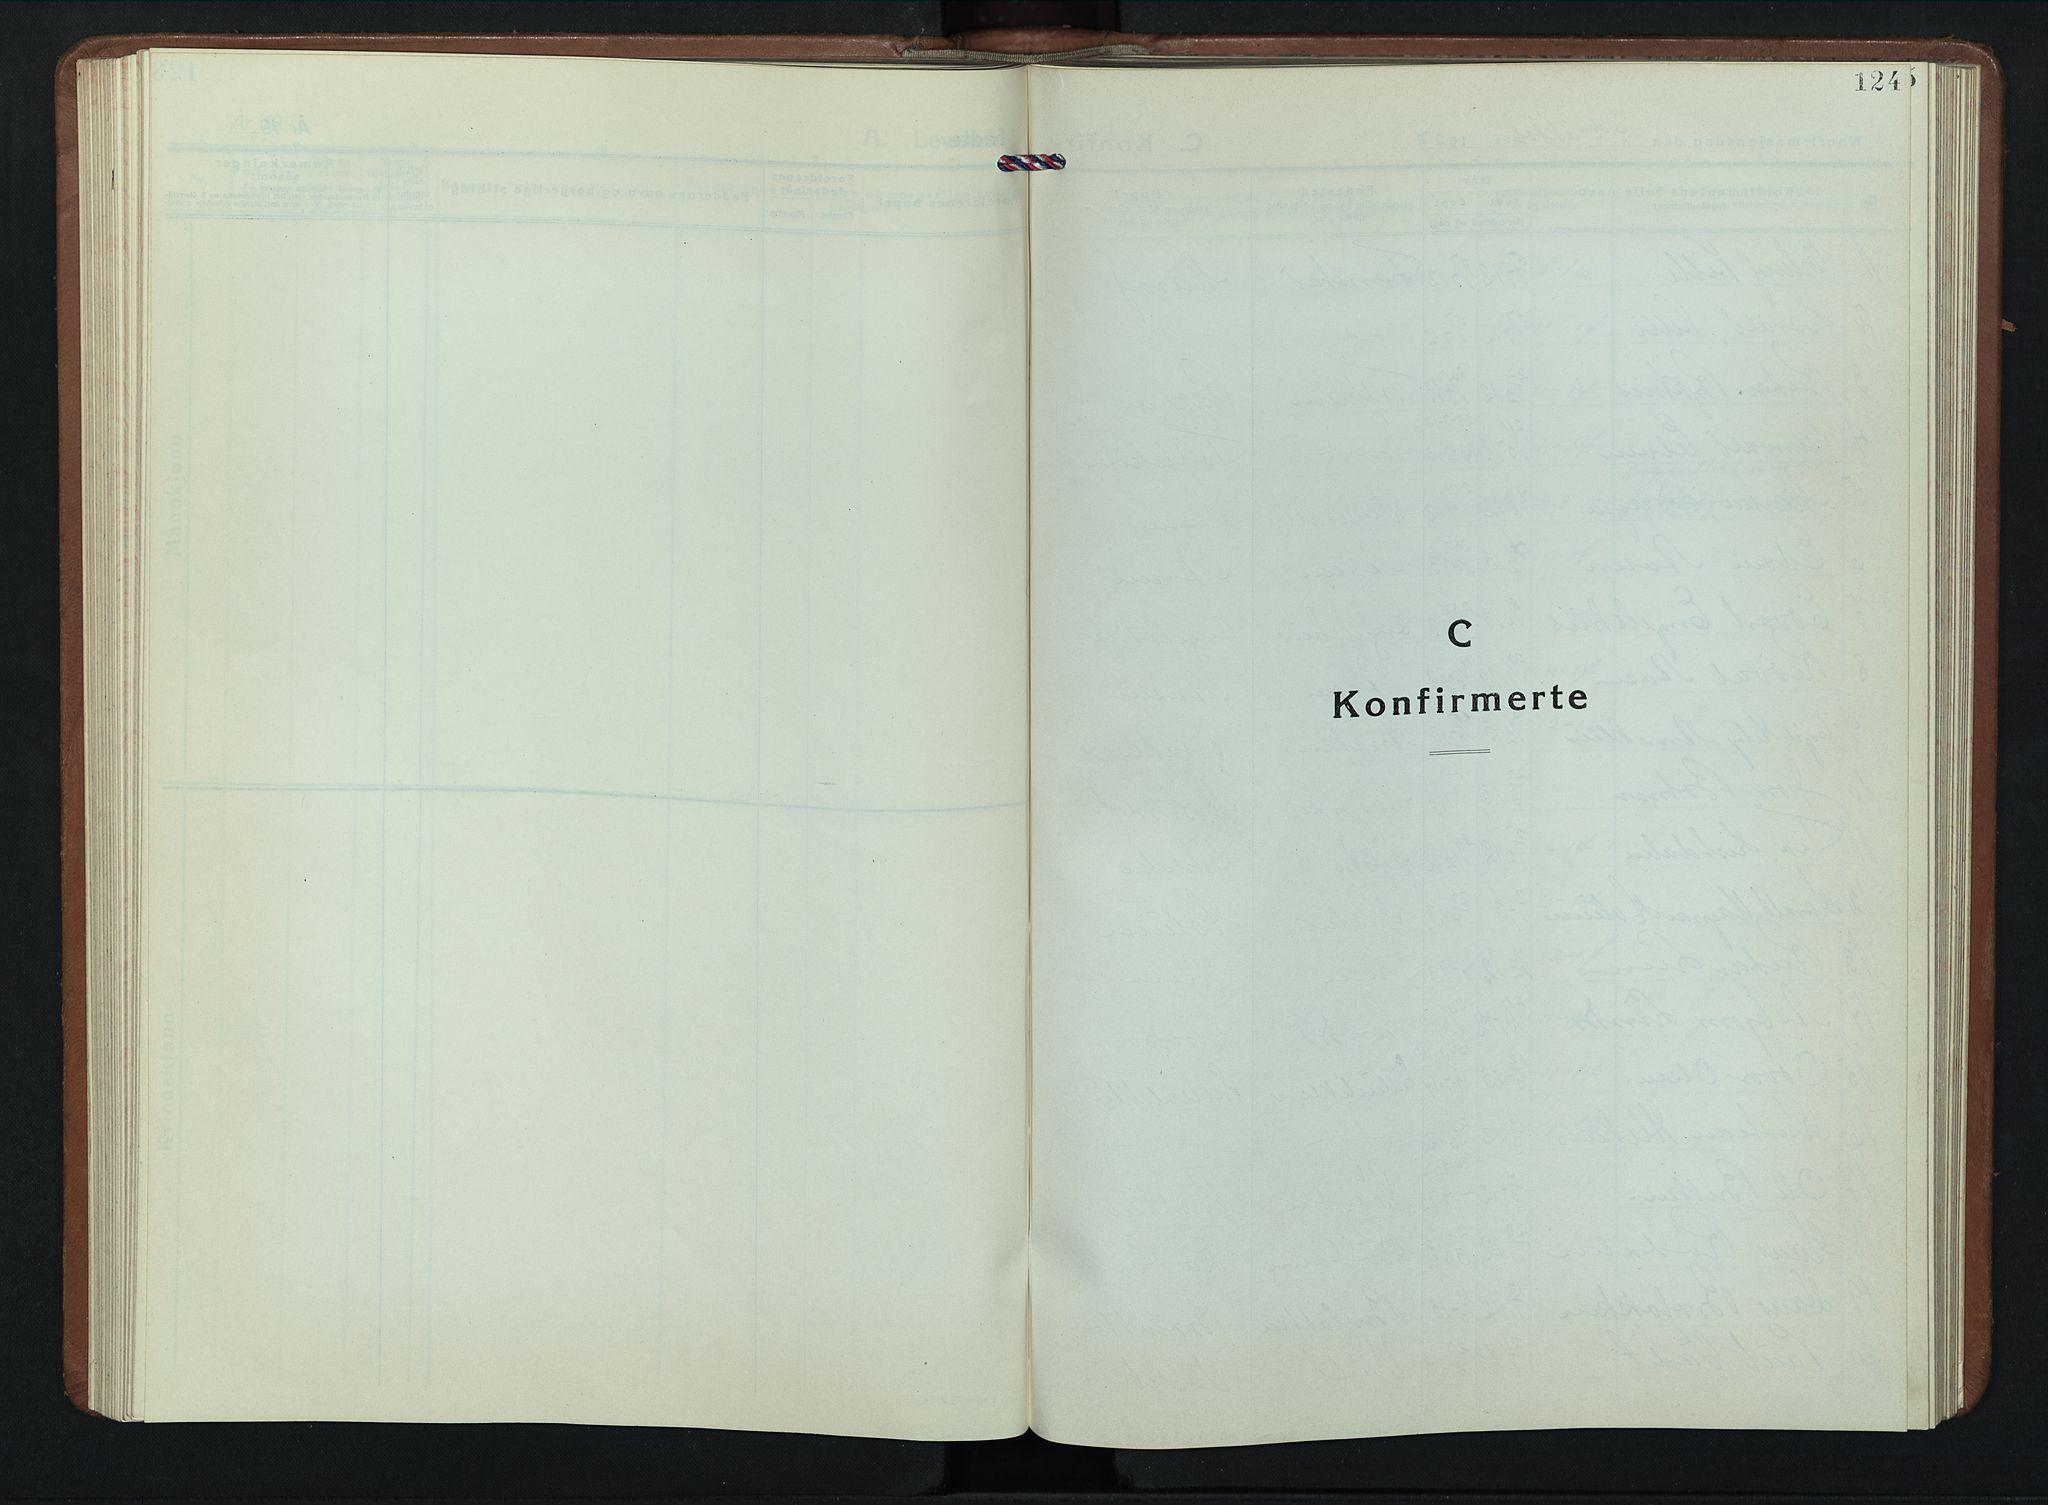 SAH, Dovre prestekontor, Klokkerbok nr. 4, 1926-1949, s. 124